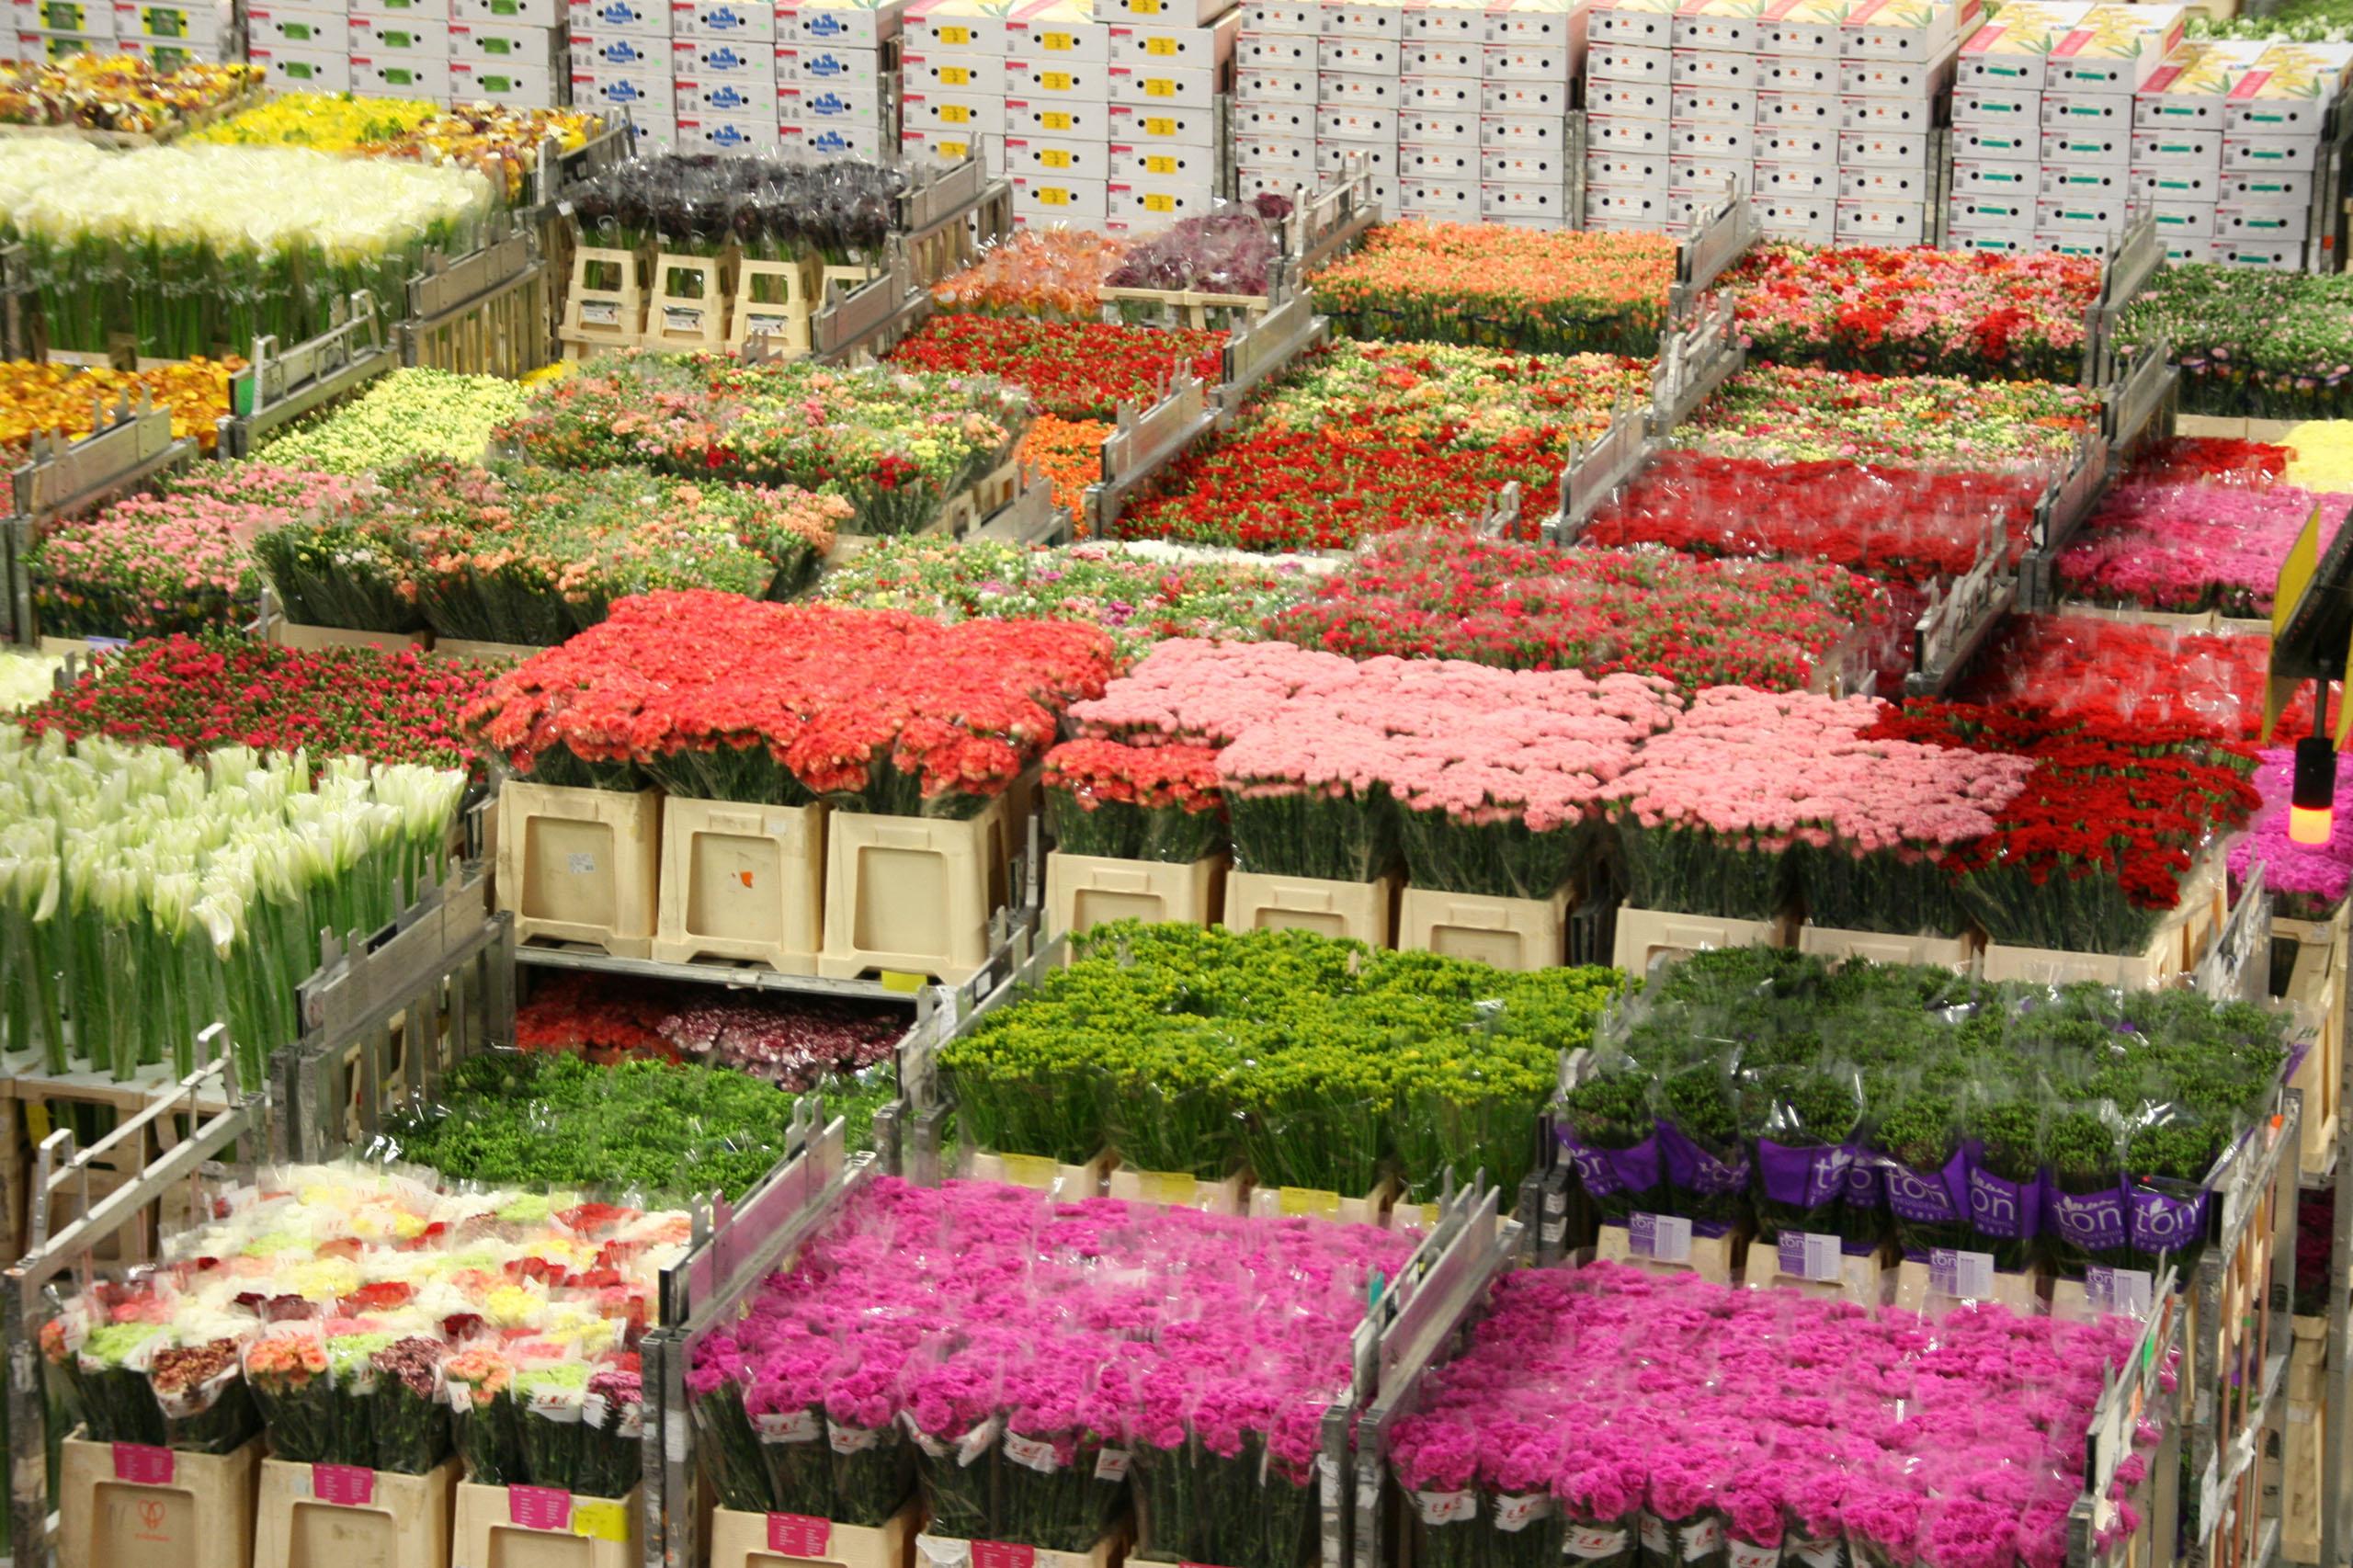 blumen wax topfpflanzen und schnittblumen holland blumen und pflanzen grosshandel. Black Bedroom Furniture Sets. Home Design Ideas